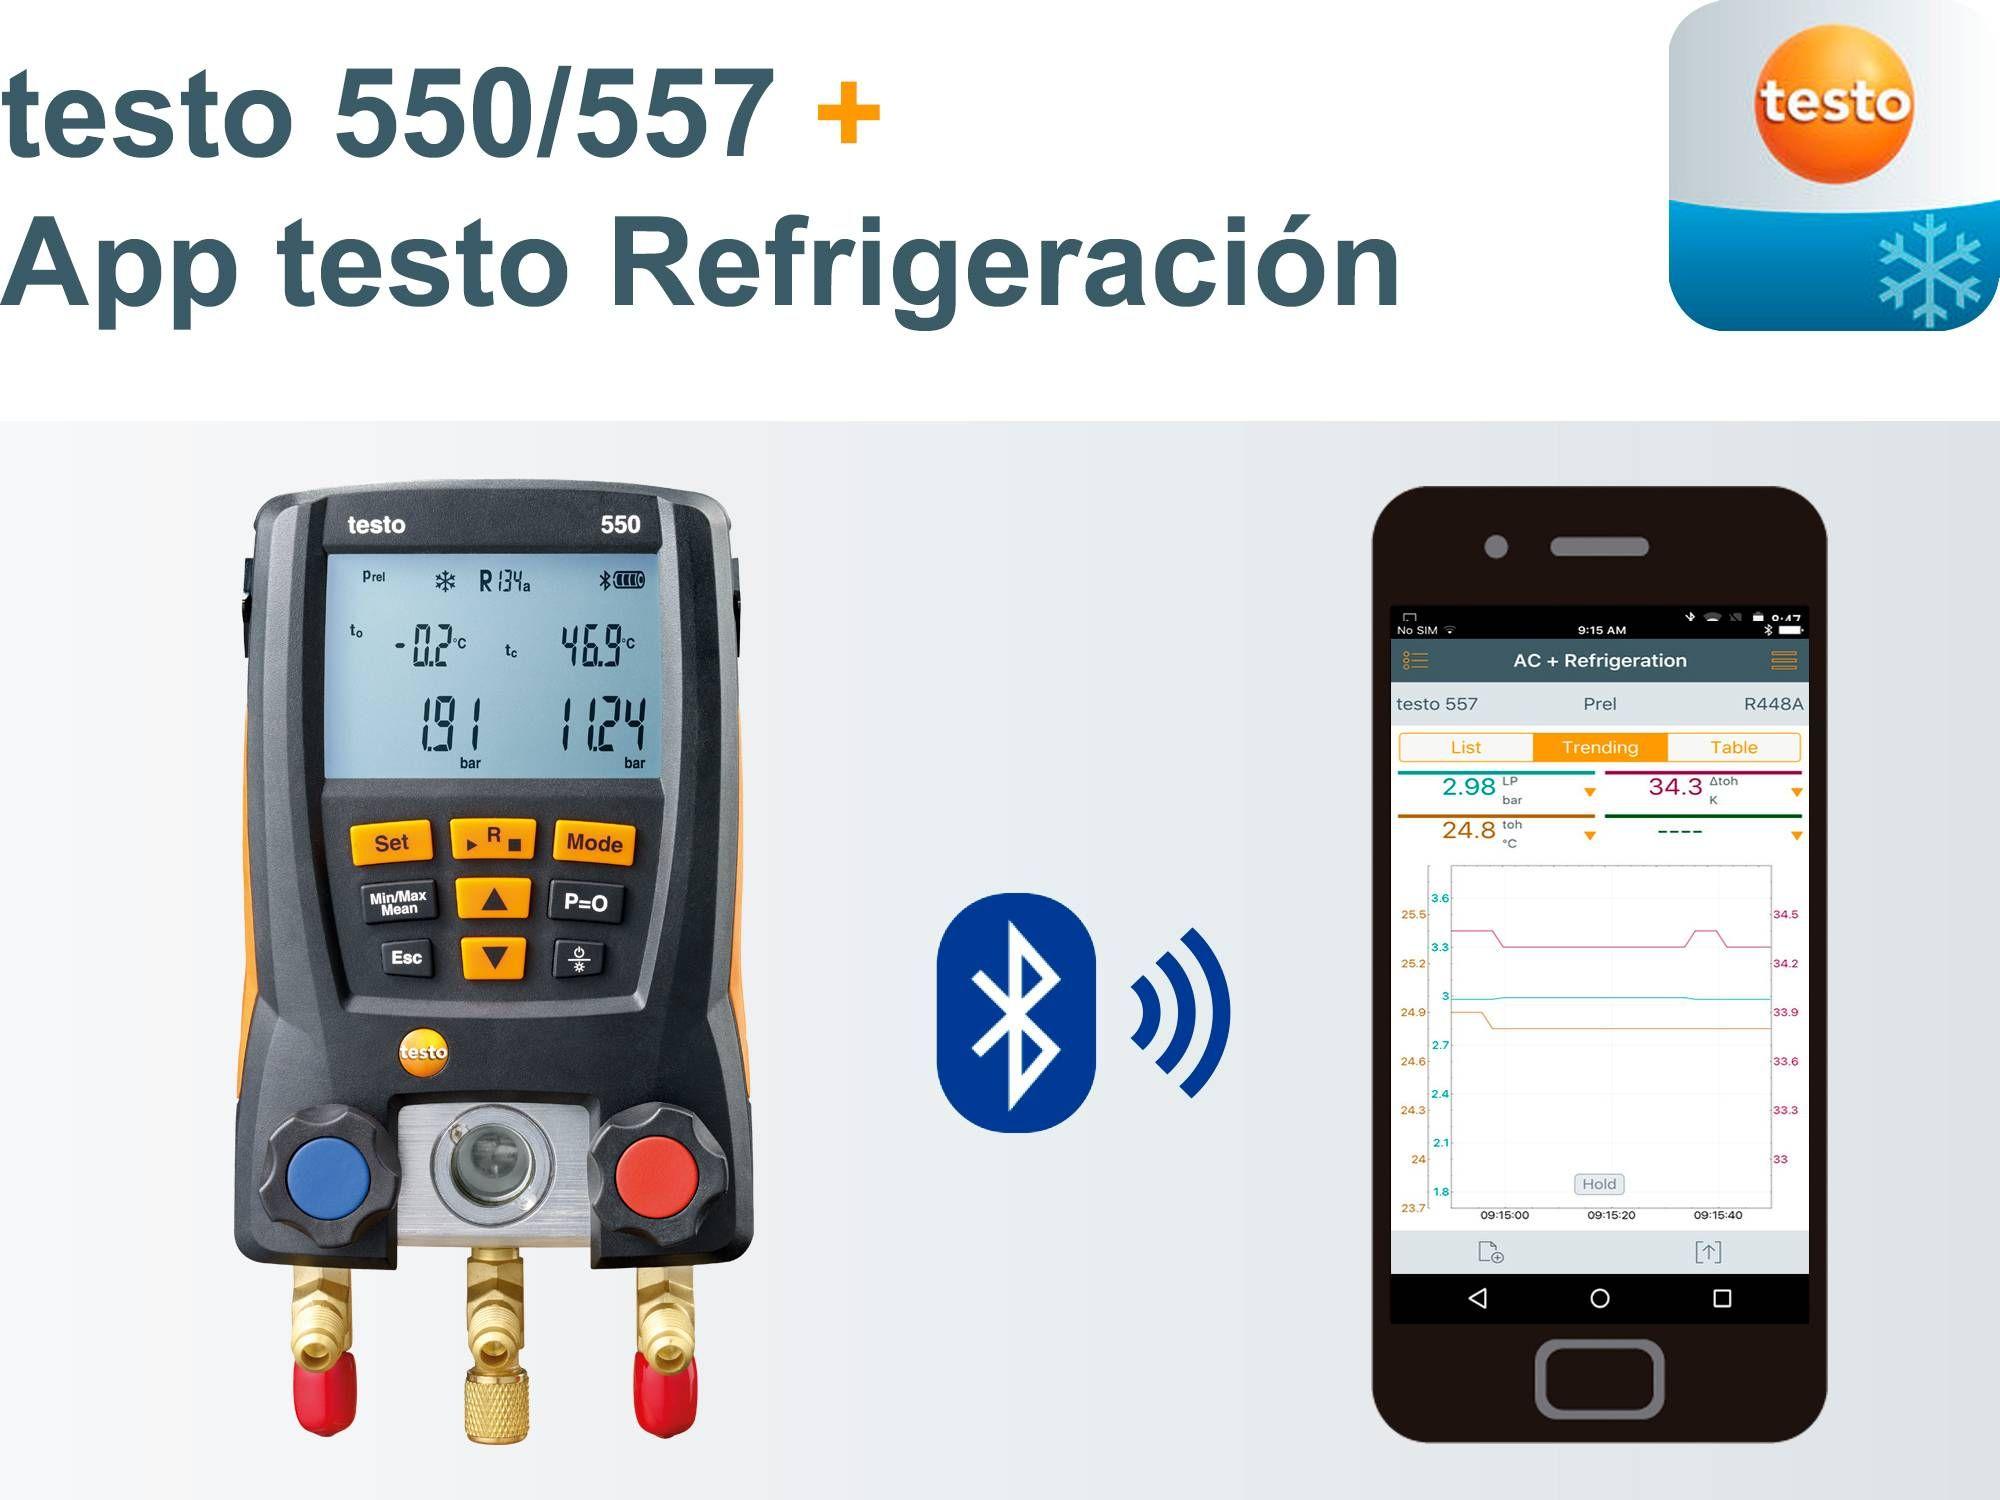 Analizador-refrigeracion-testo-550